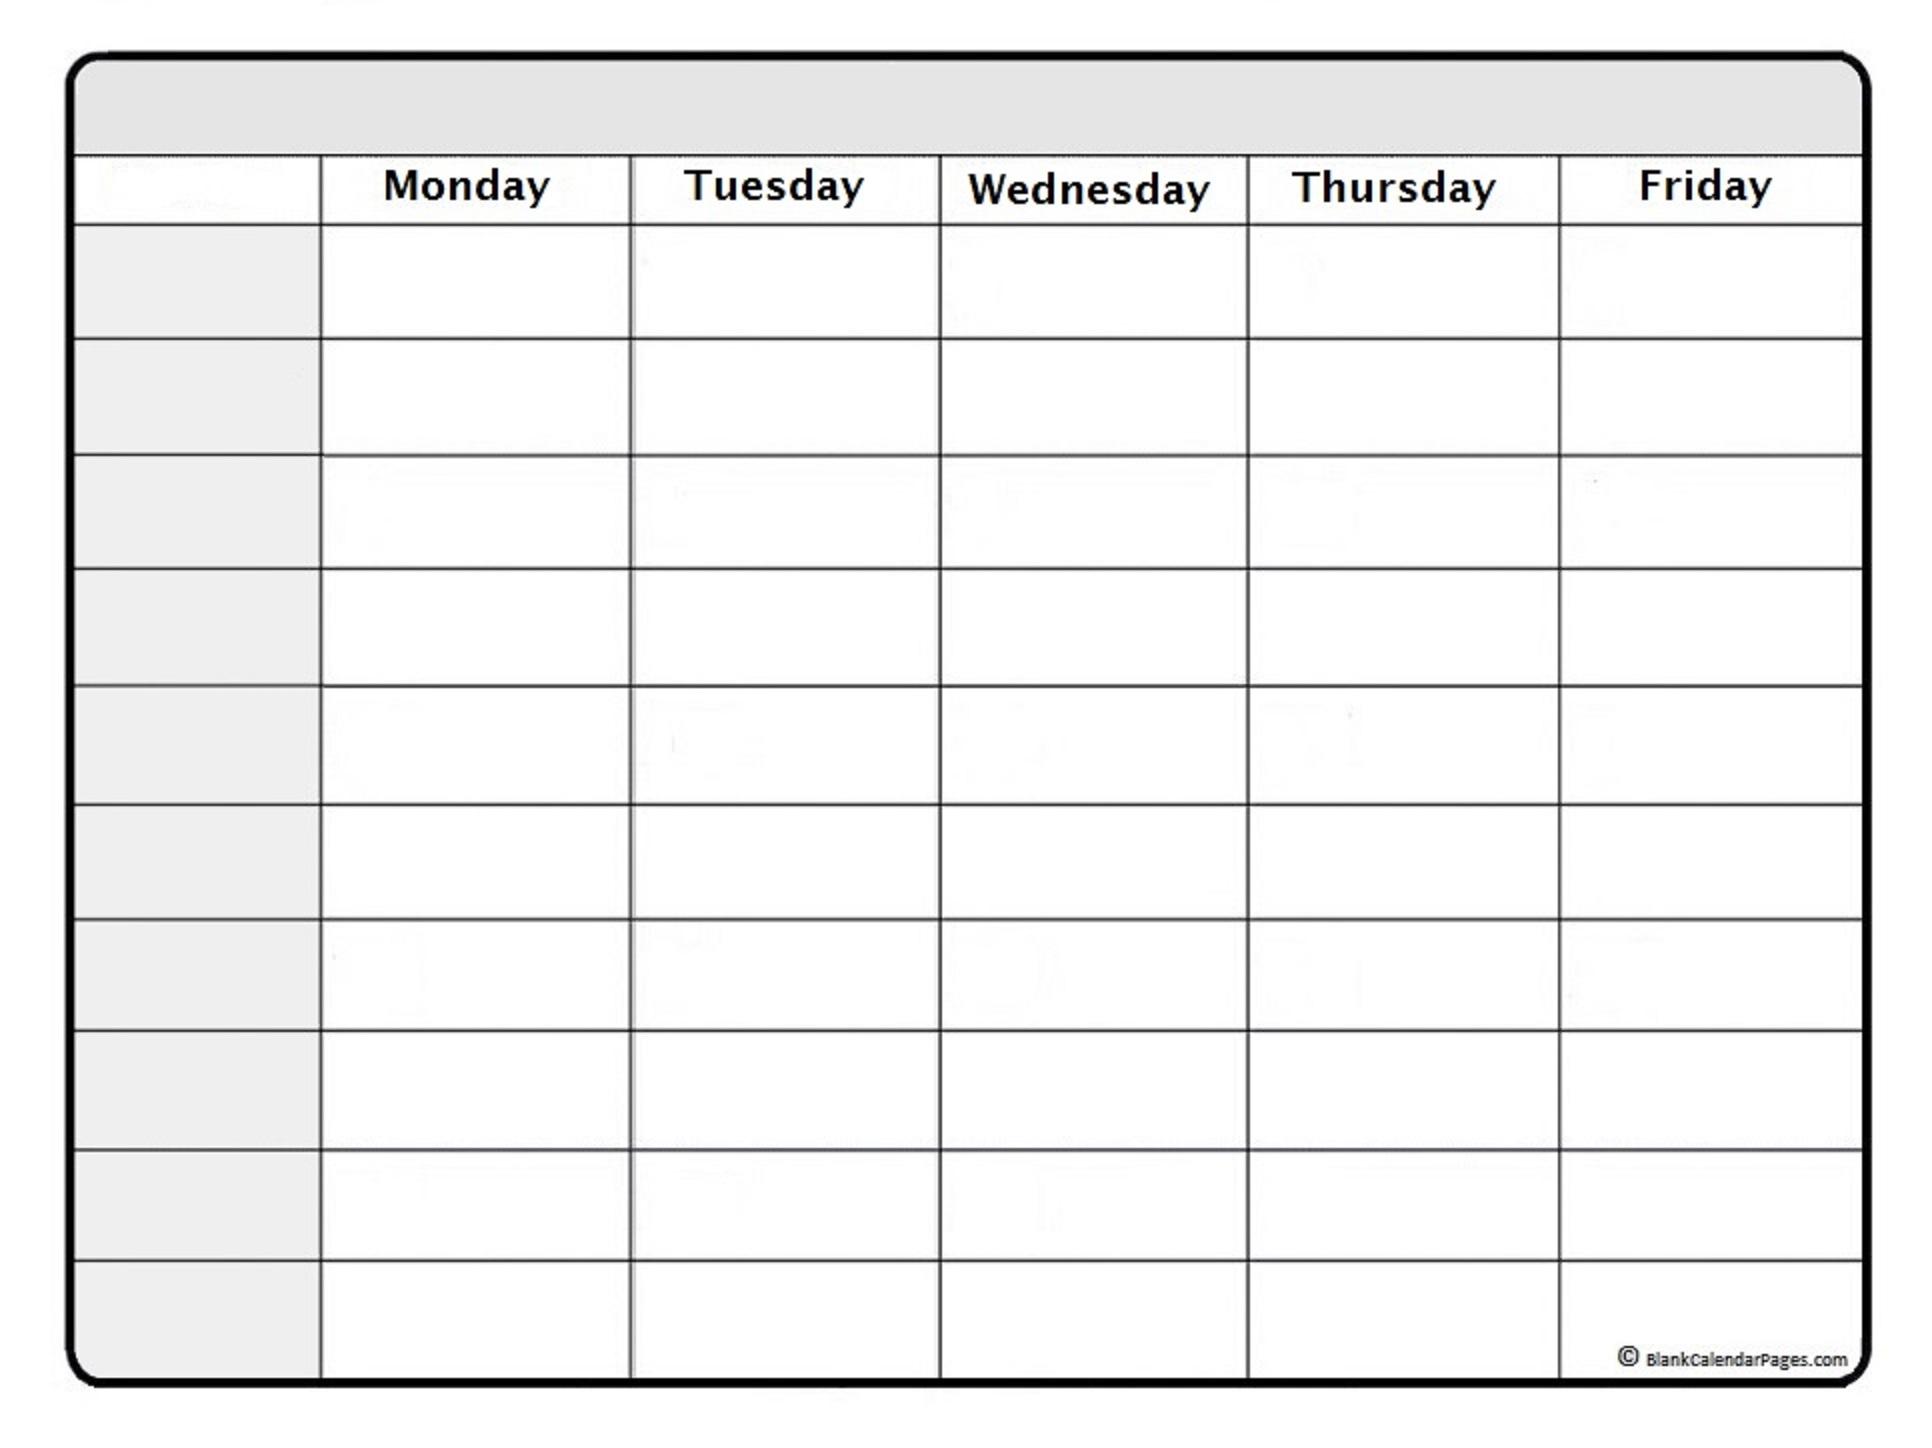 September 2019 Weekly Calendar | September 2019 Weekly